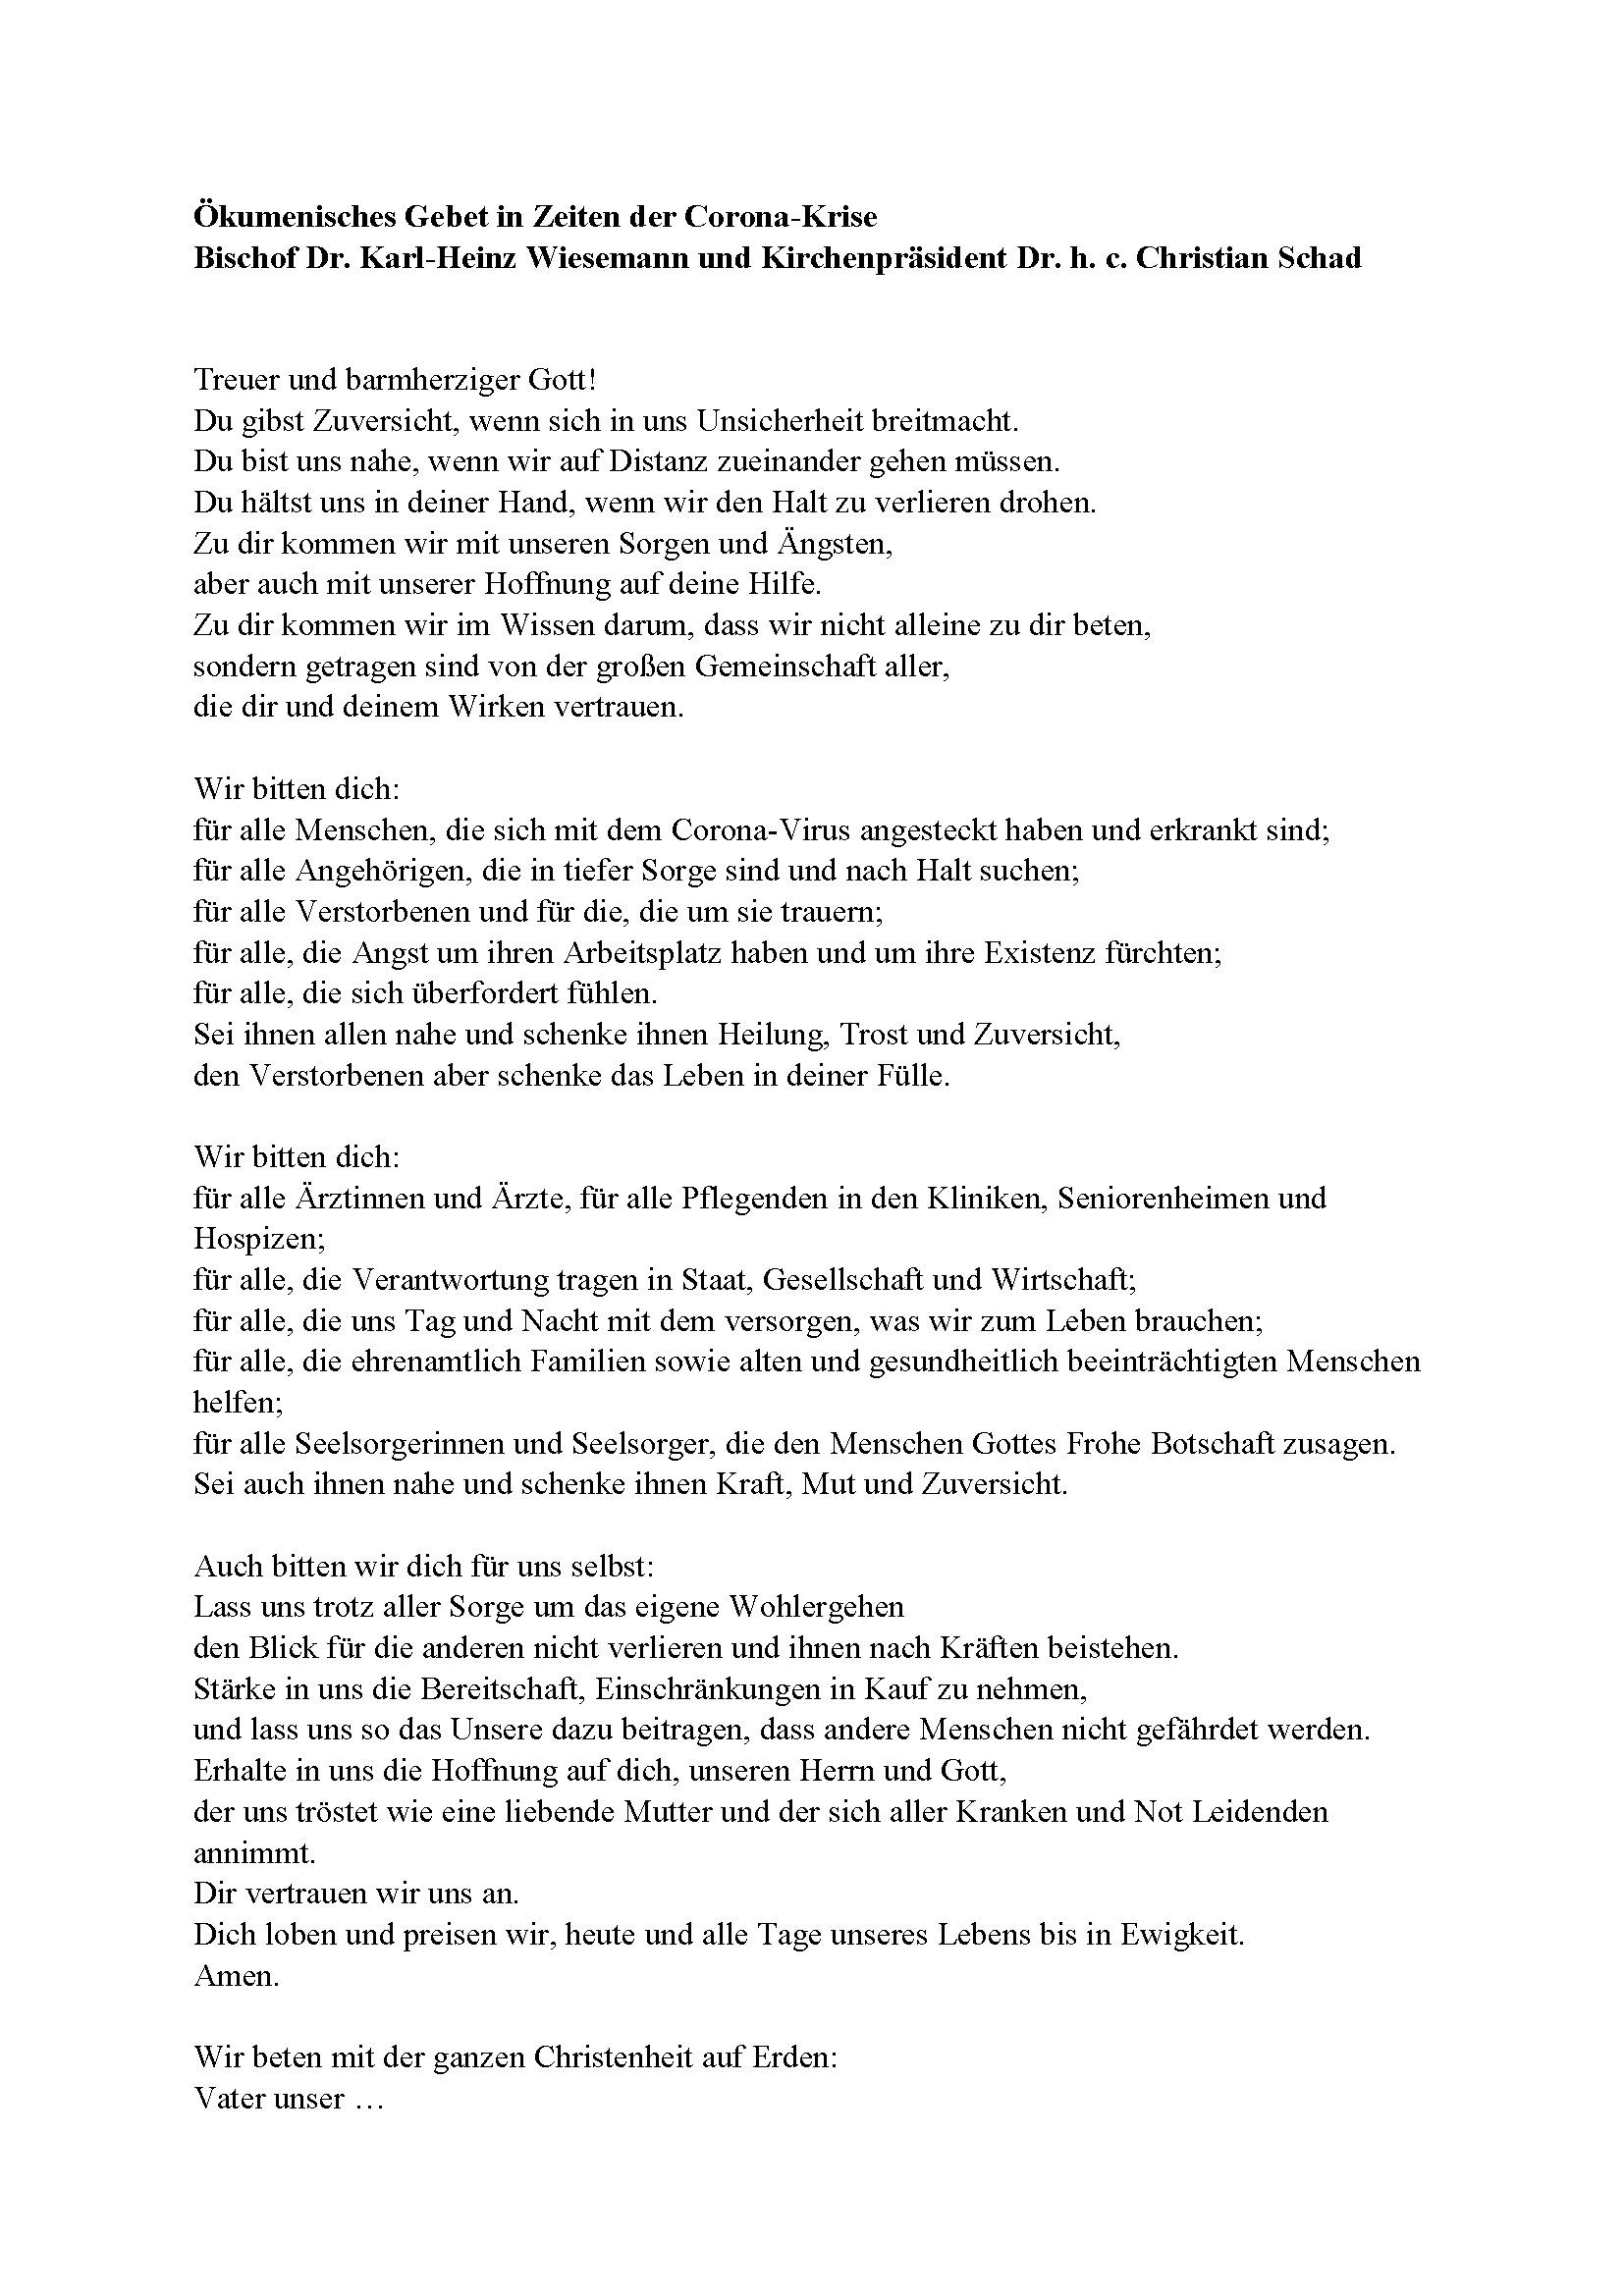 2020-03-25_Gebetstext